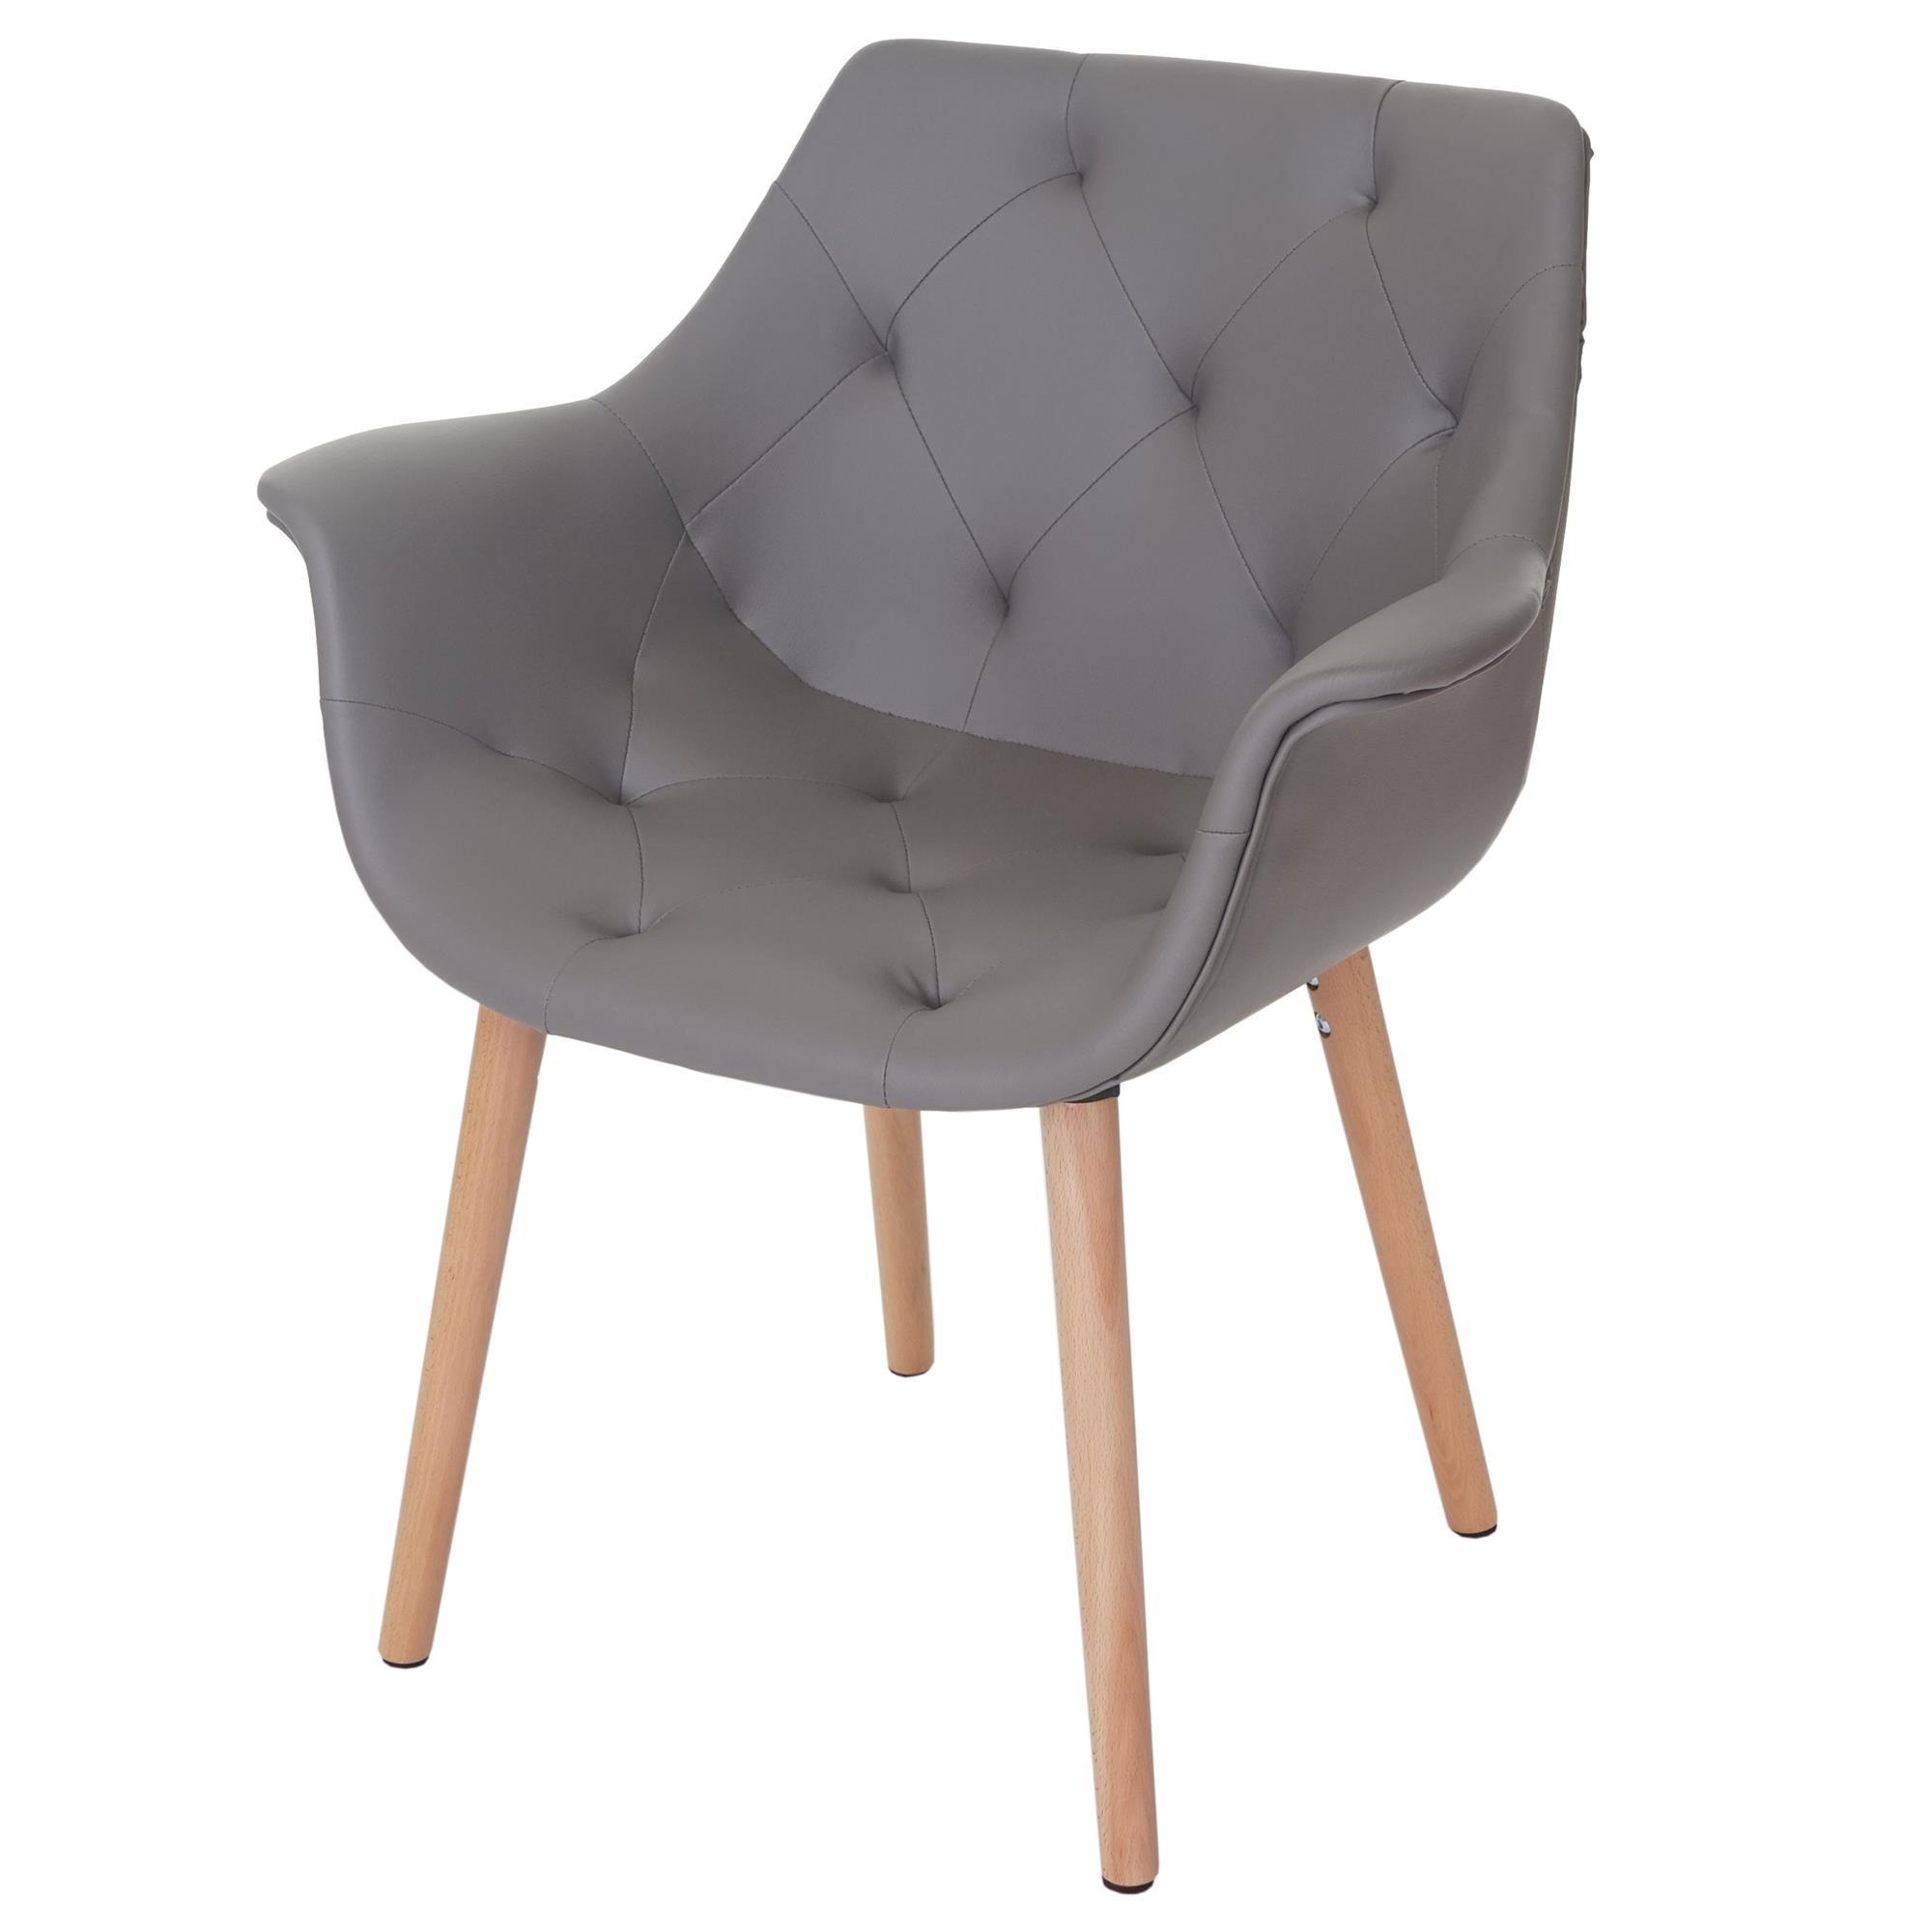 Lote 4 sillas de comedor alber estilo retro en piel gris for Sillas de cuero para comedor